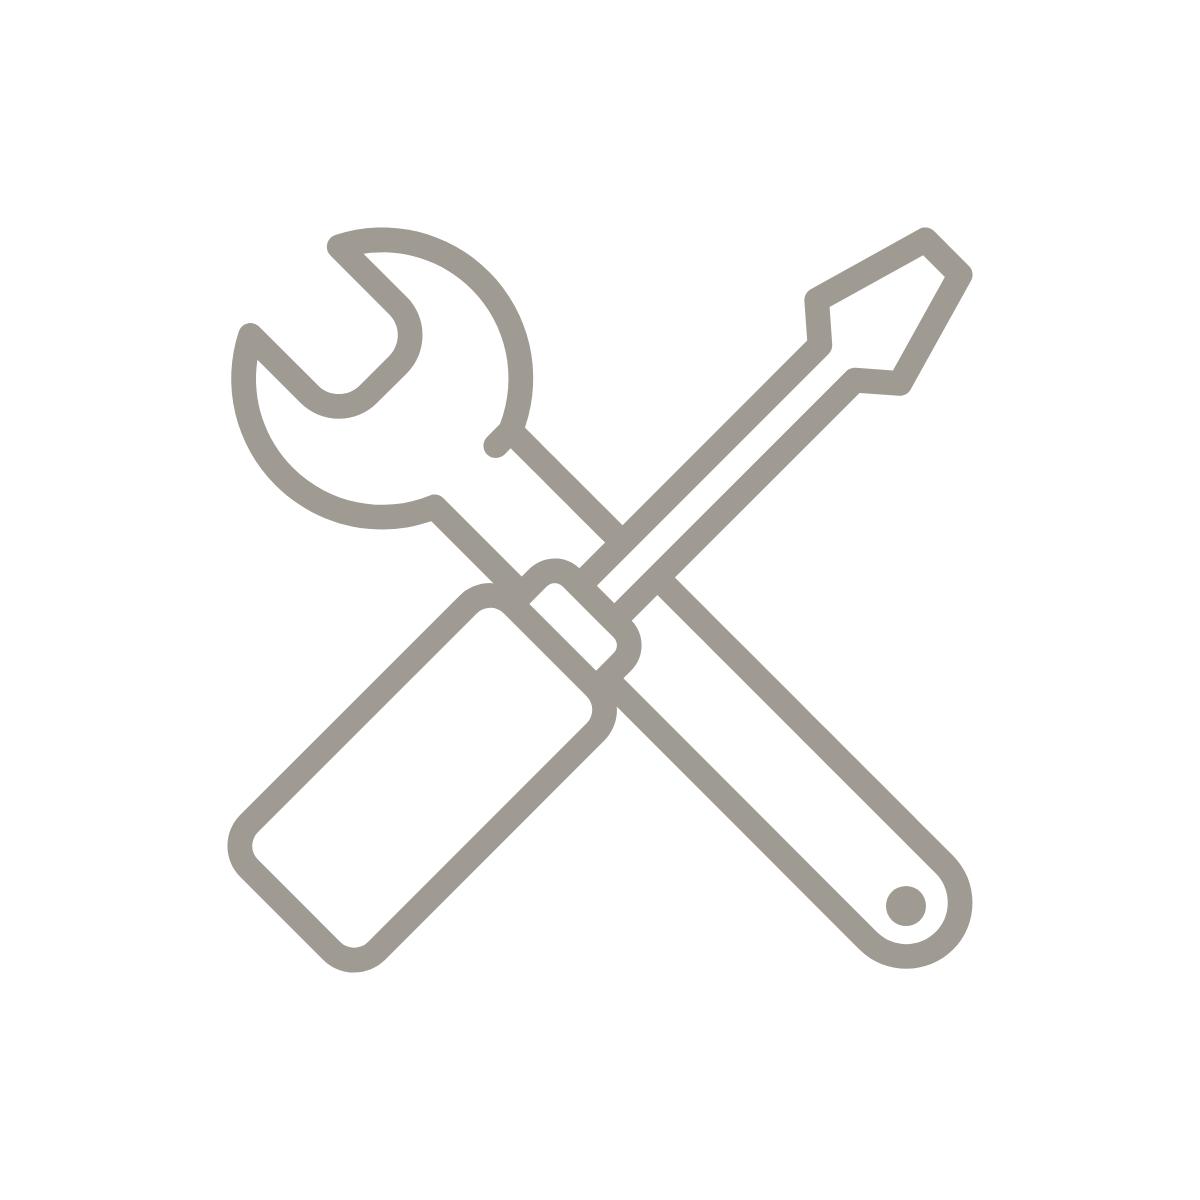 noun_tools_943584.png